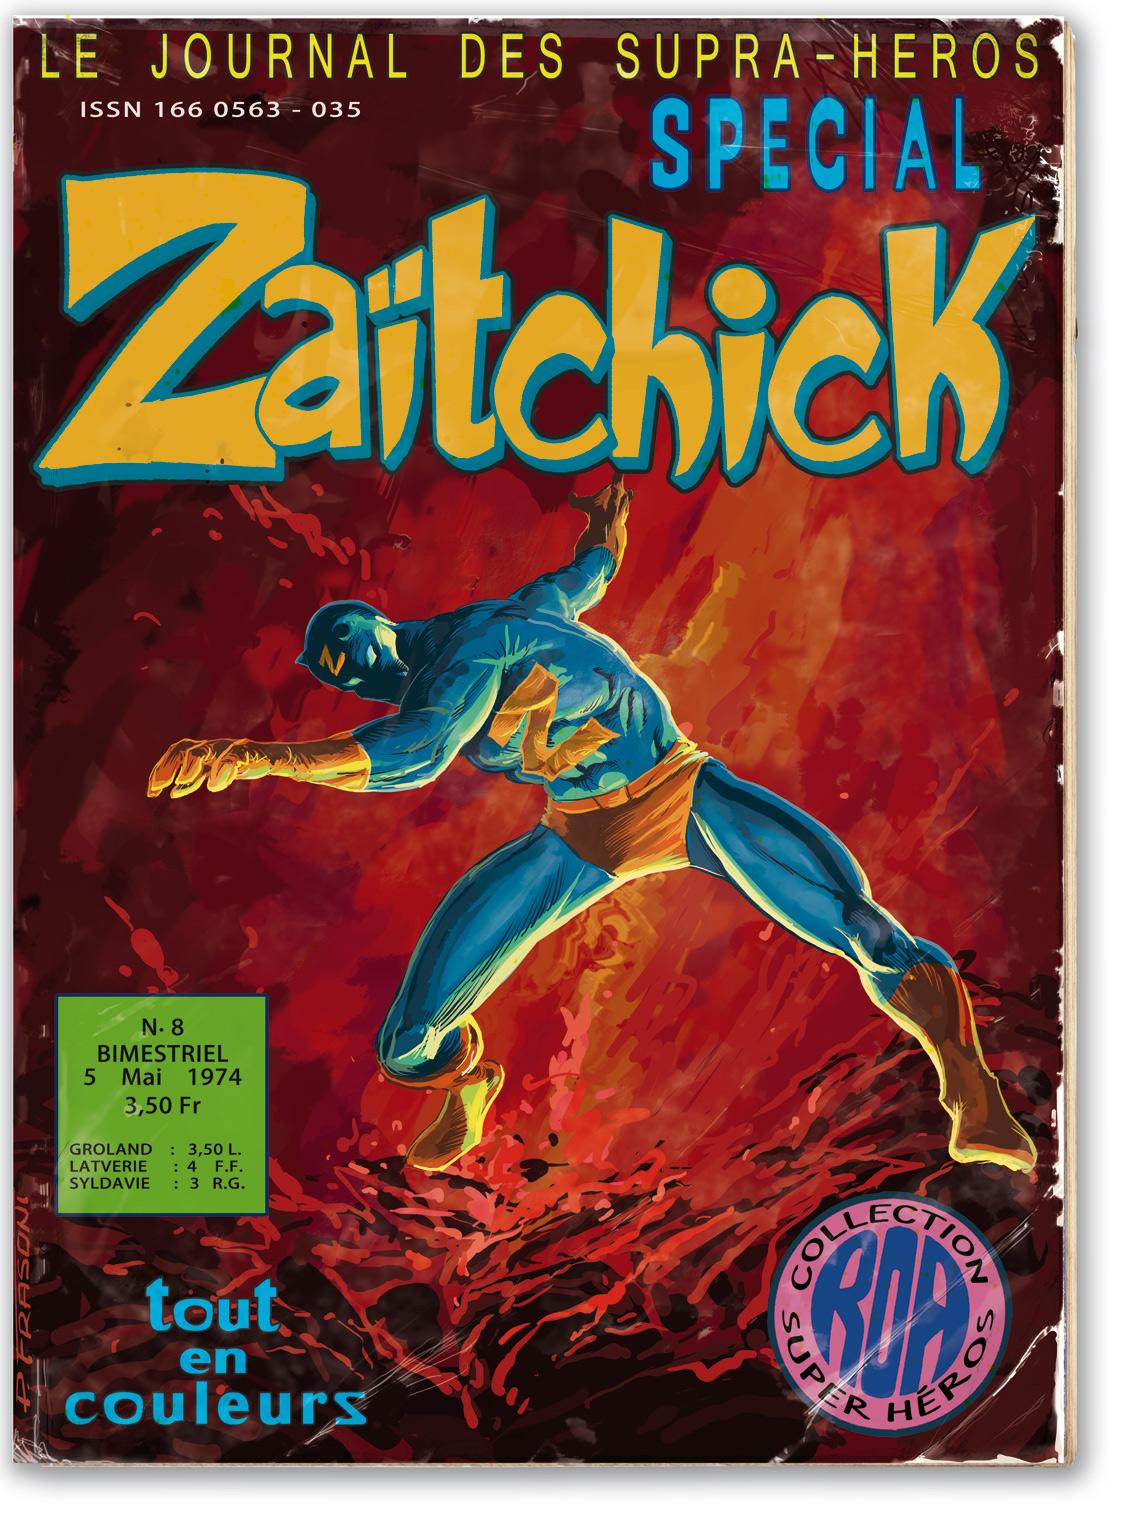 couv-Zaitchick-copie-1